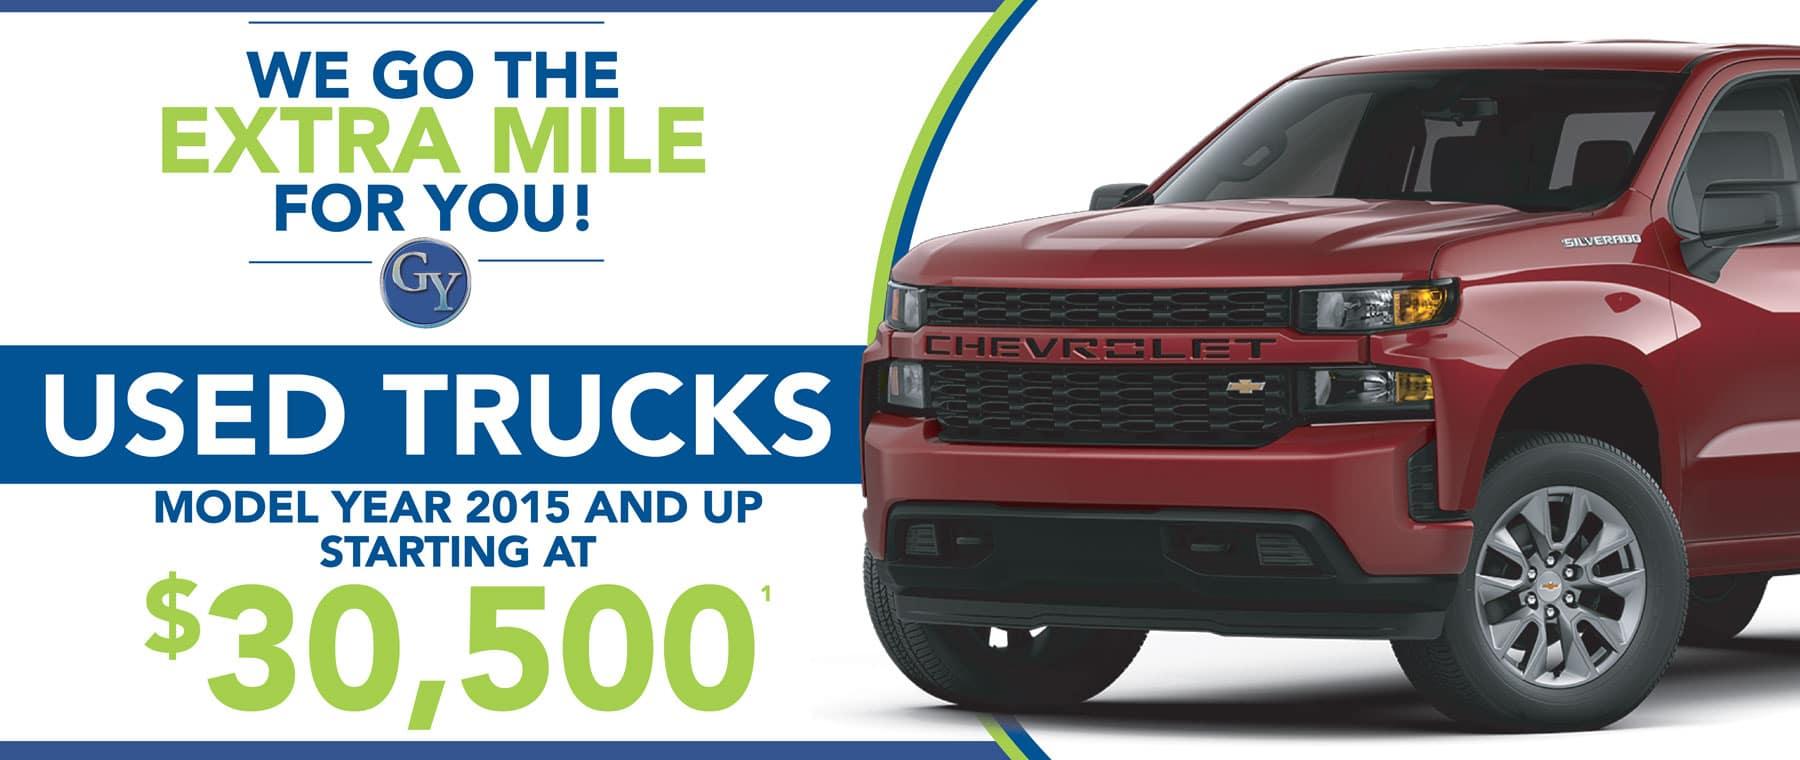 GY-Newton-Chevy-Hero-Slides-September_Used-Trucks-1800×760